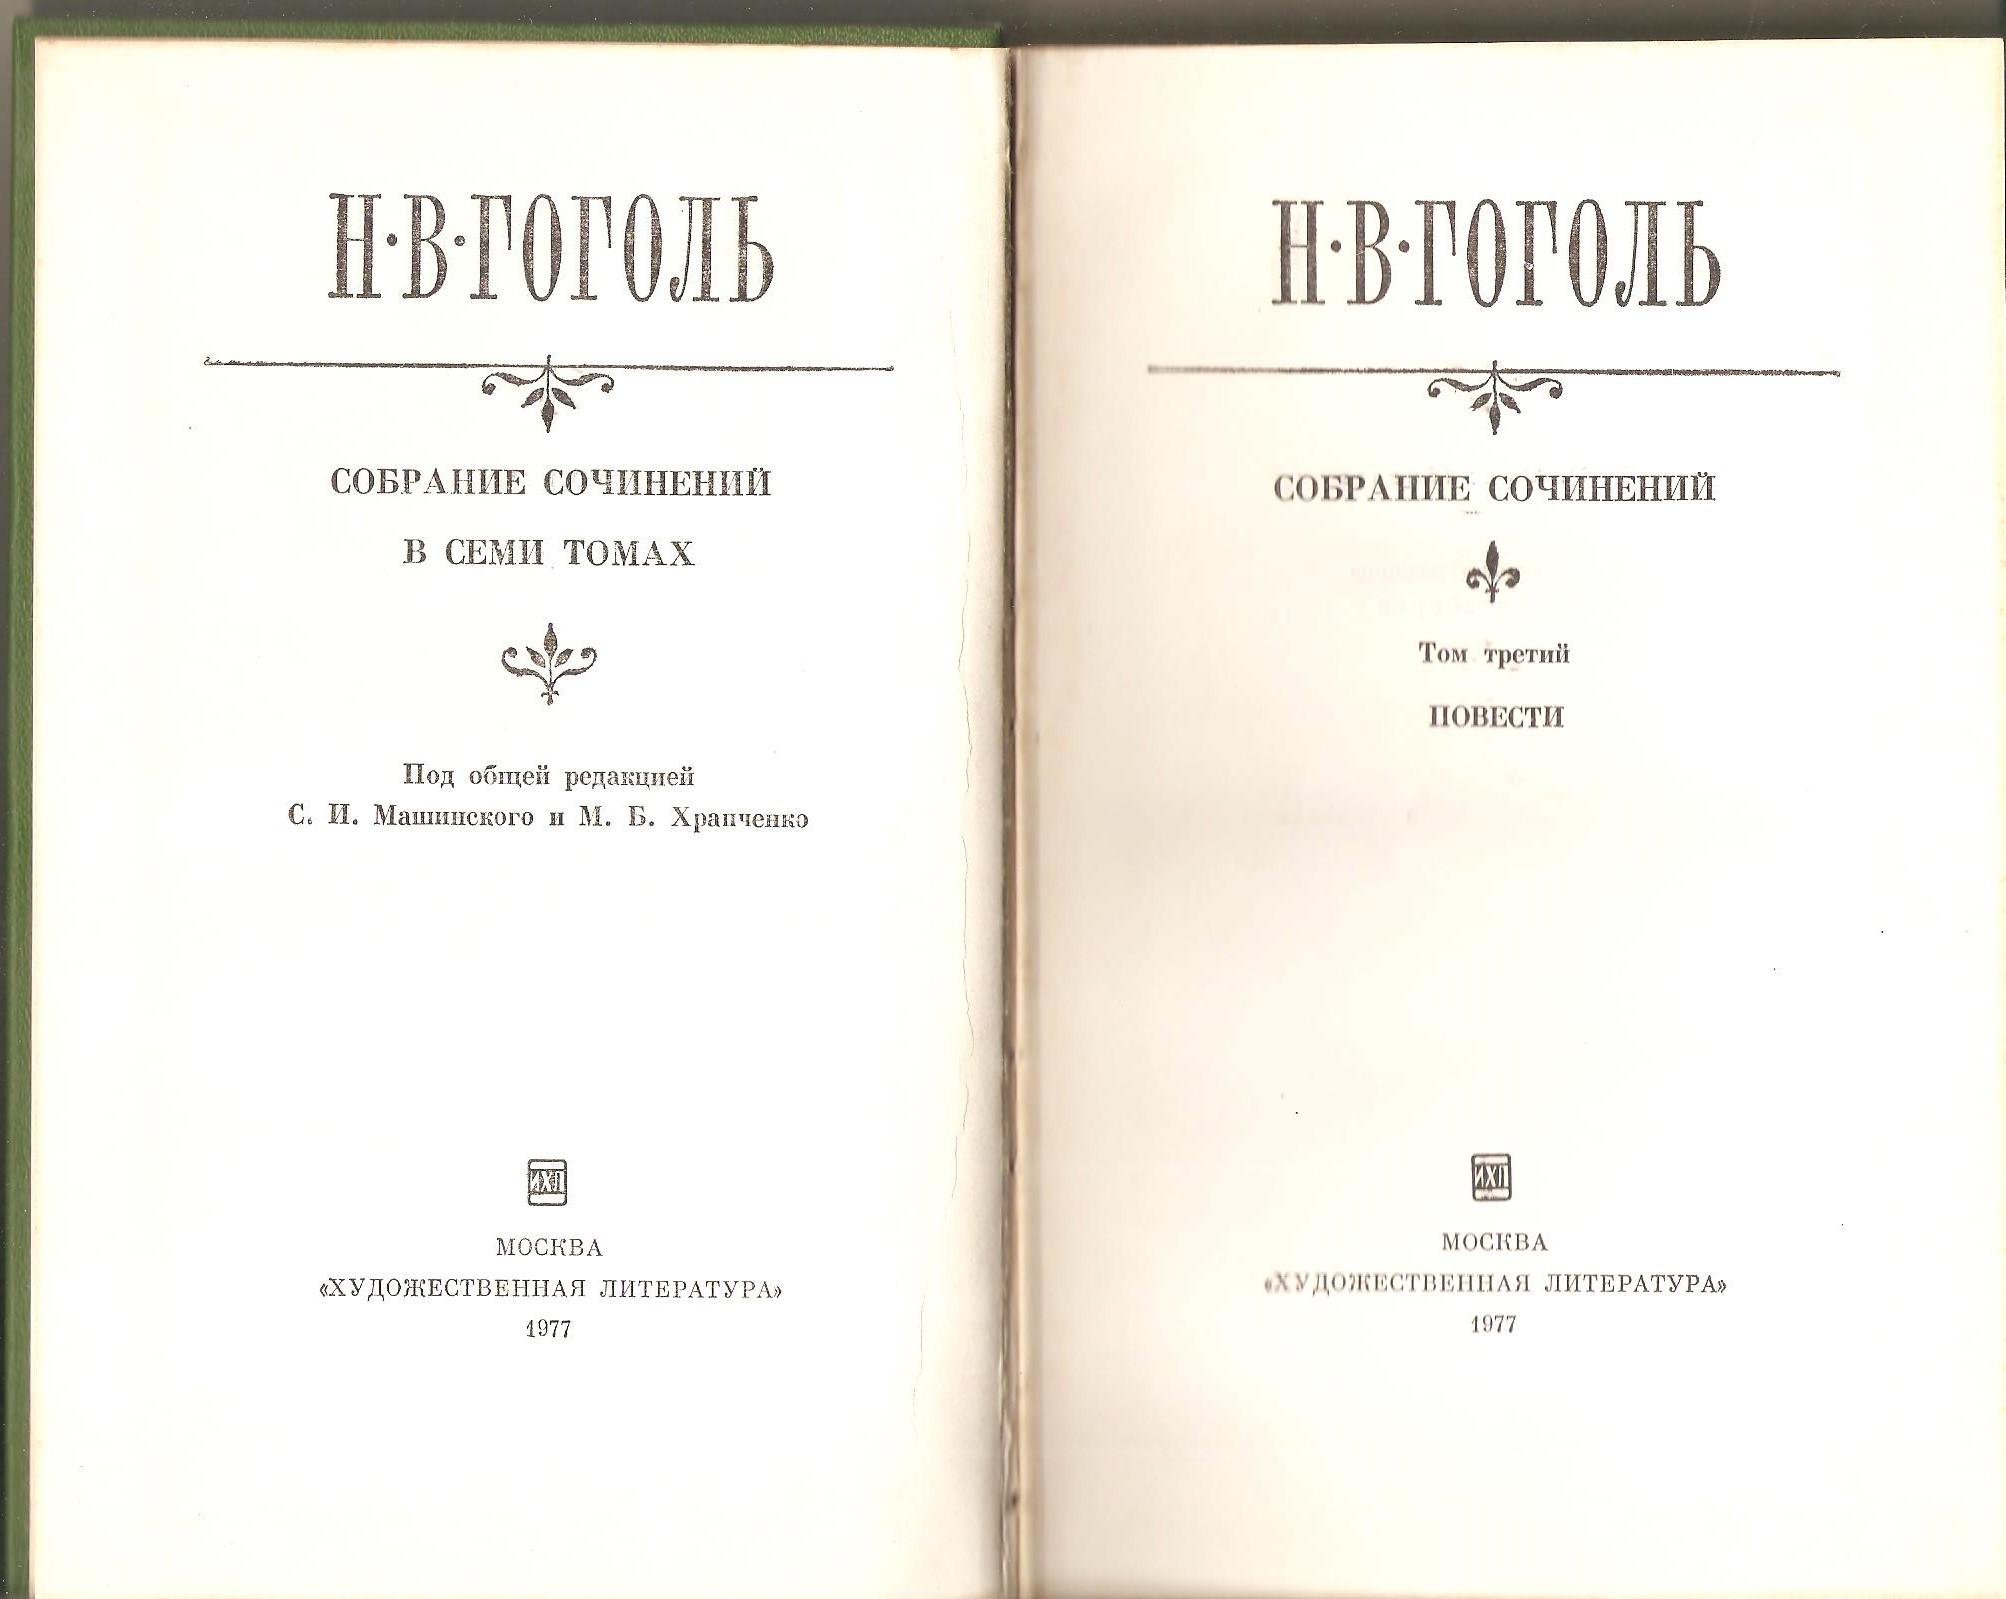 Н. Гоголь. Собрание сочинений 003.jpg